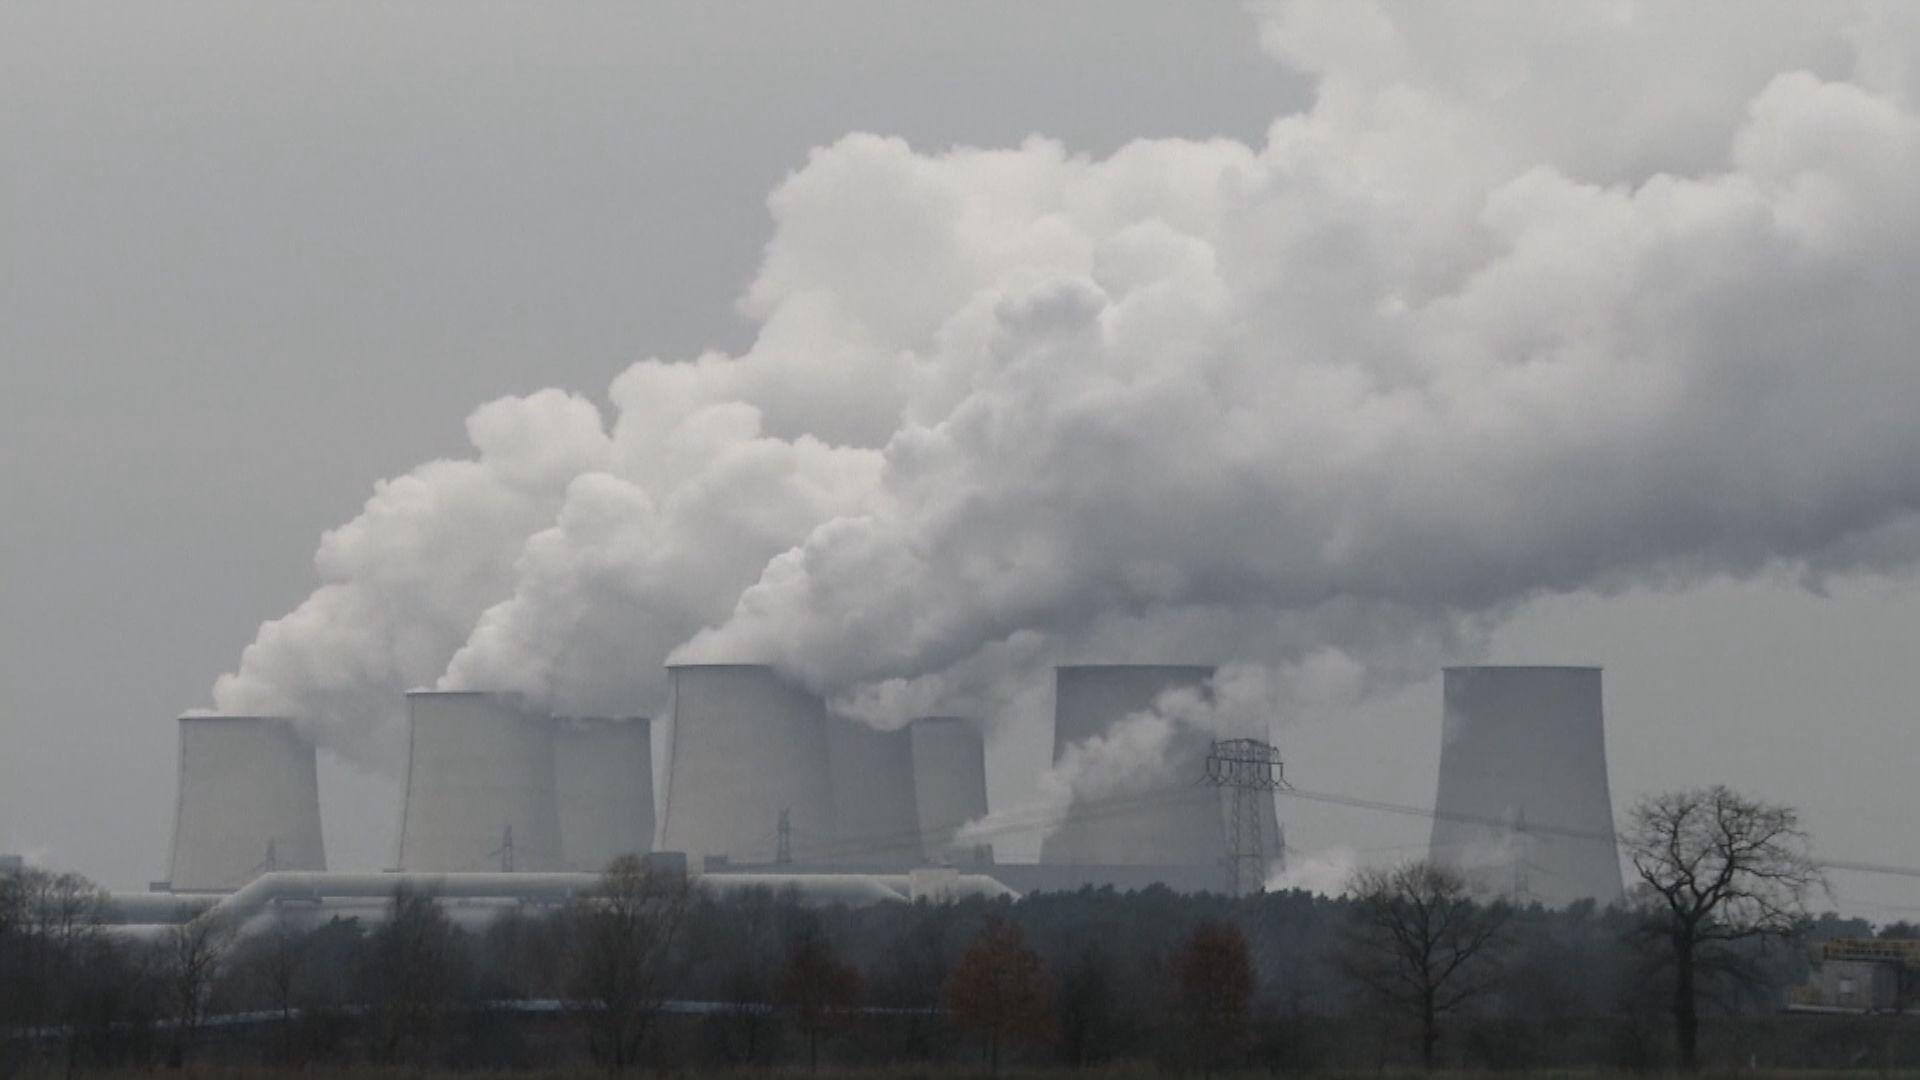 【環球薈報】新德里去年5.4萬人死於空氣污染居五大城市之首